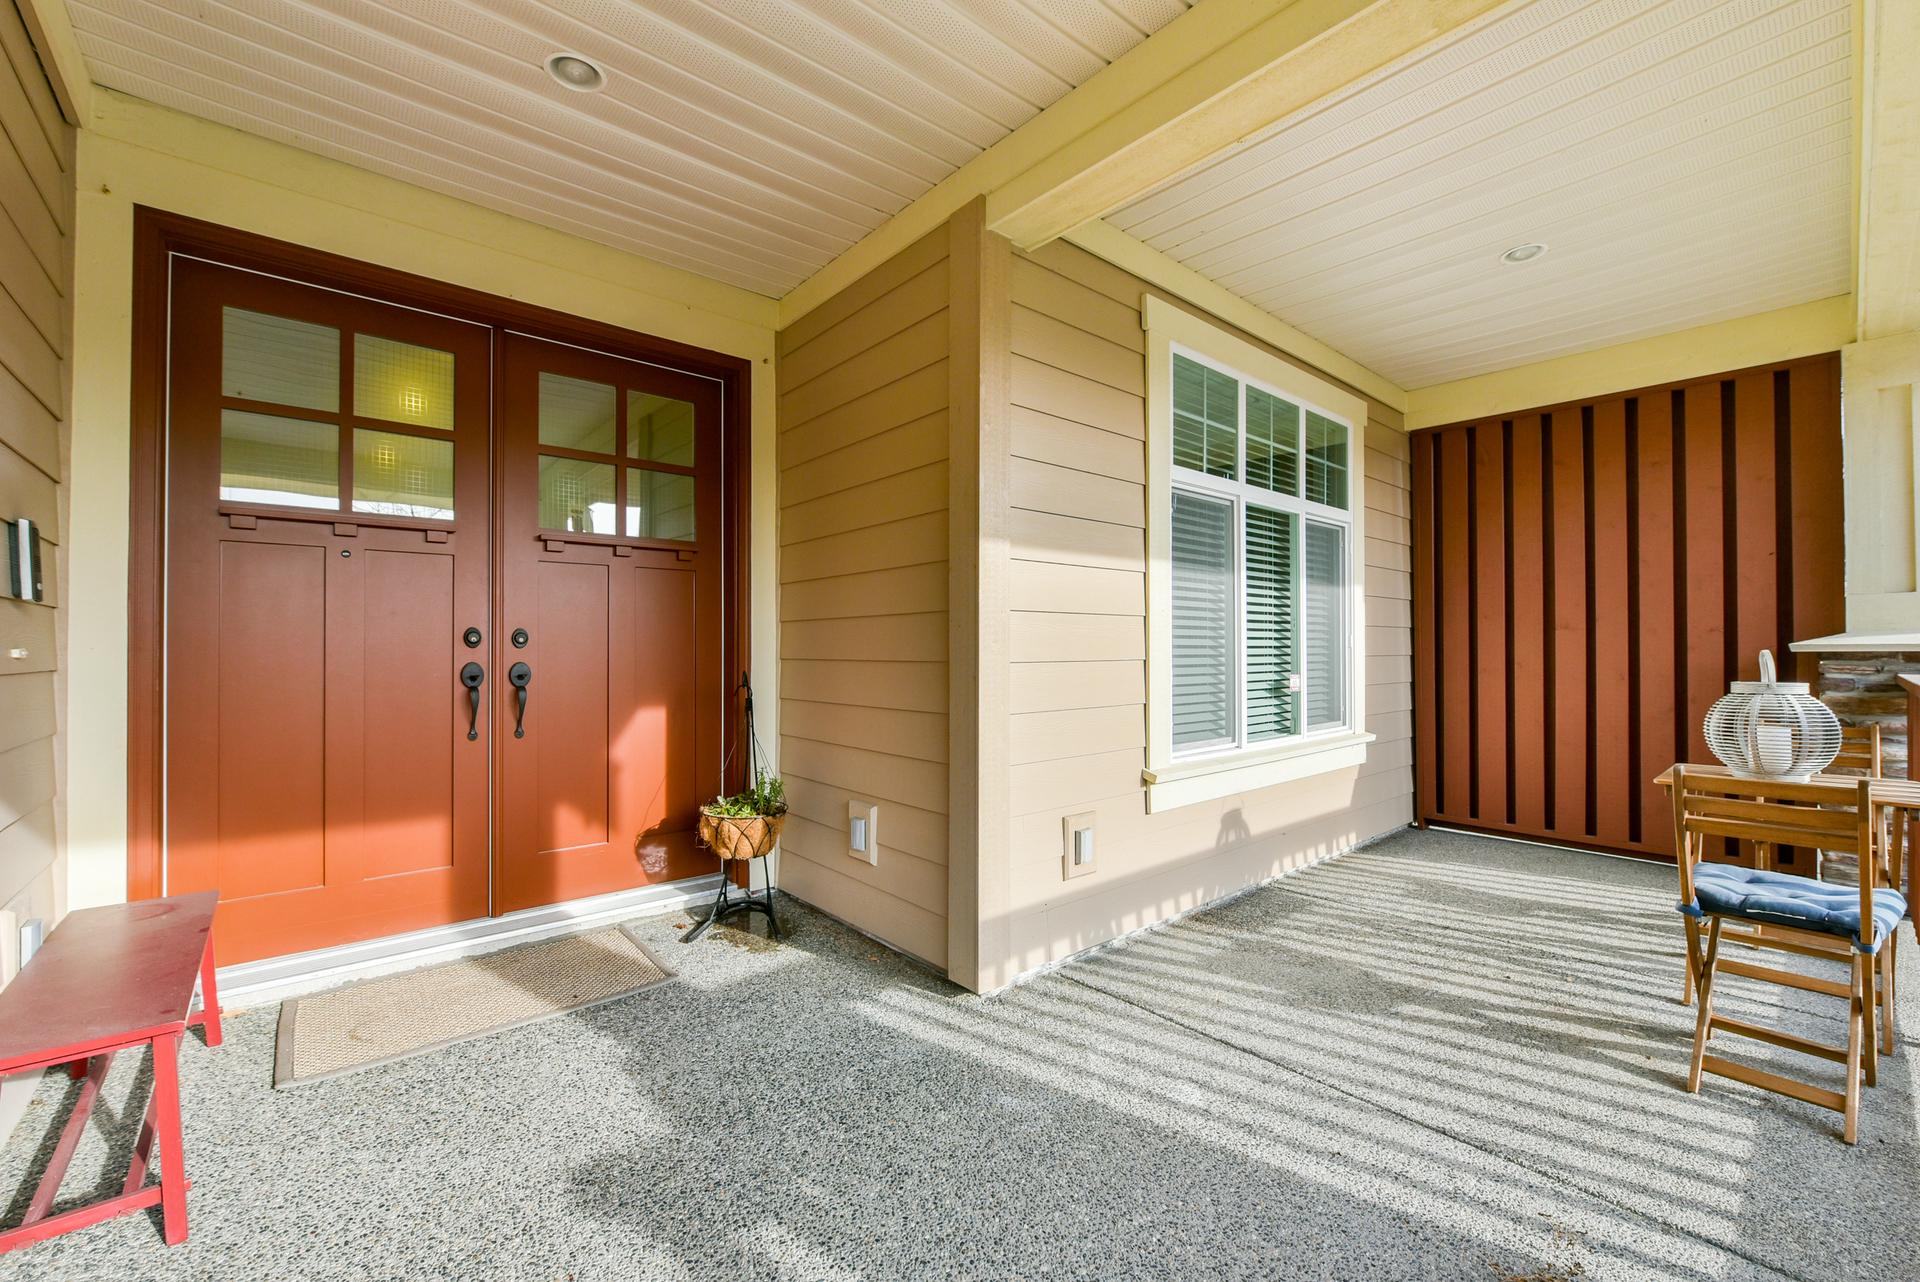 3355-scotch-pine-avenue-coquitlam-10 at 3355 Scotch Pine Avenue, Burke Mountain, Coquitlam